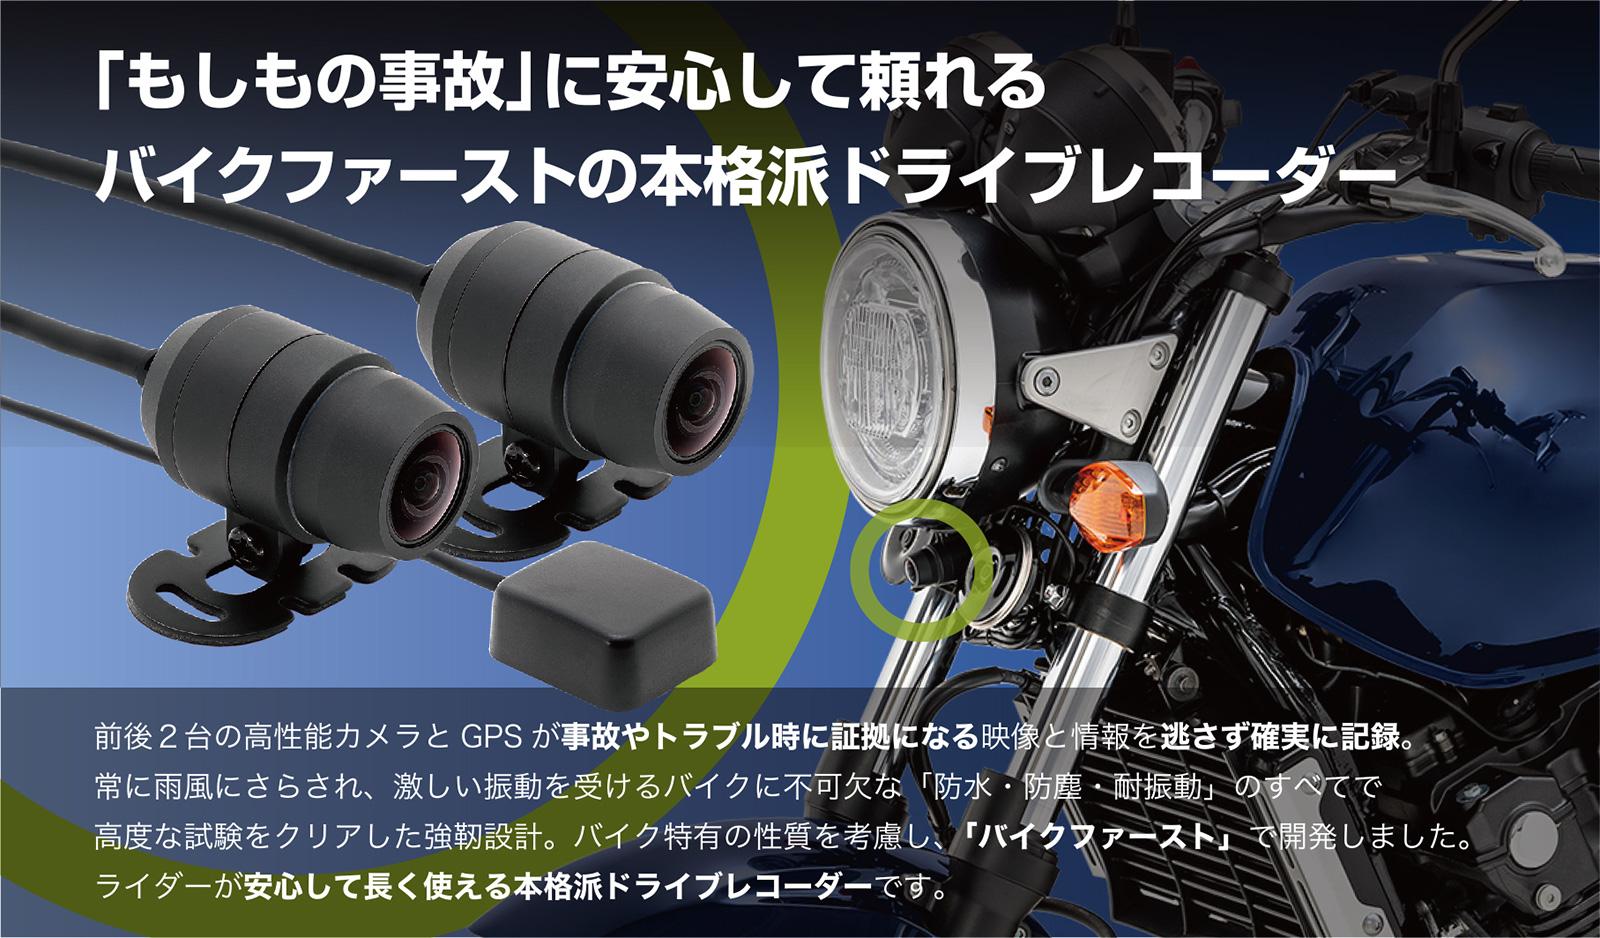 『バイク専用ドライブレコーダーEDR シリーズ』新発売